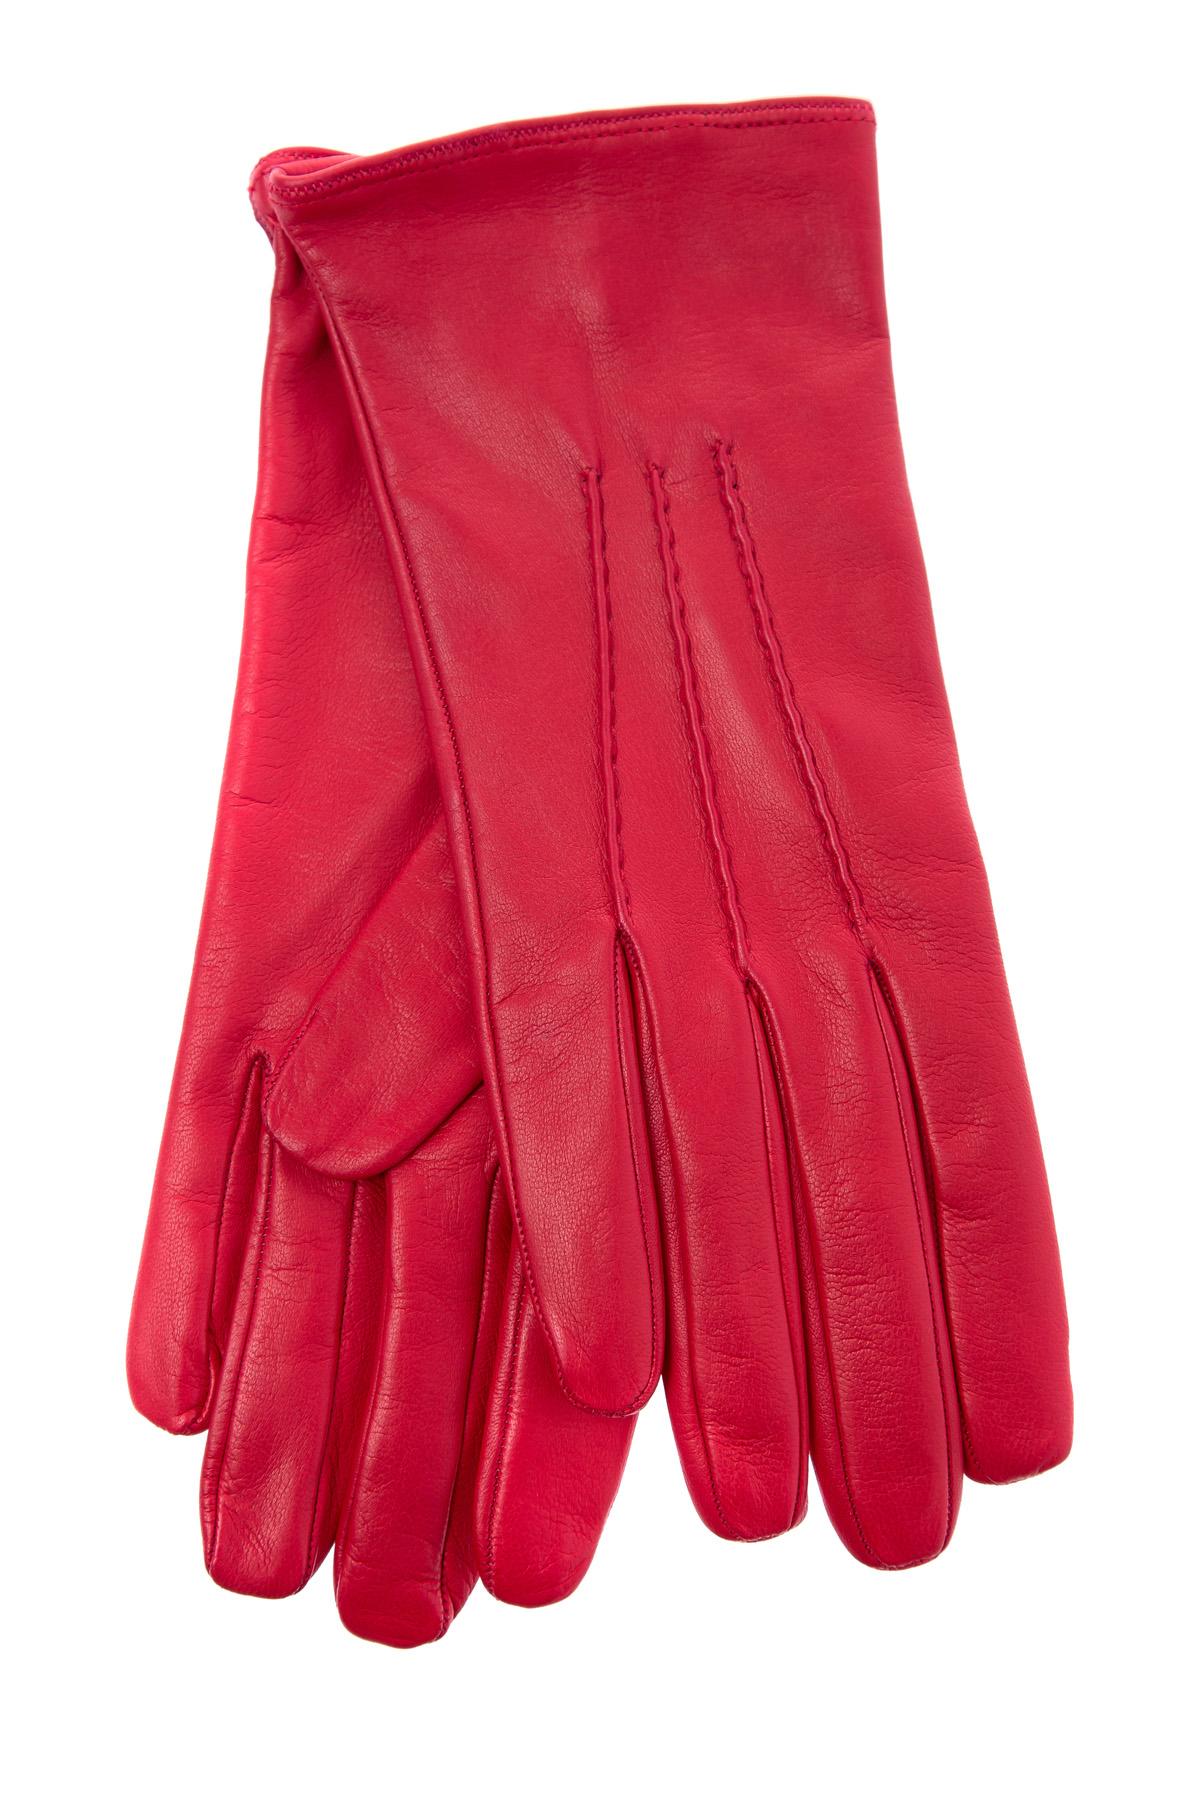 Купить со скидкой Перчатки из мягкой кожи наппа алого оттенка